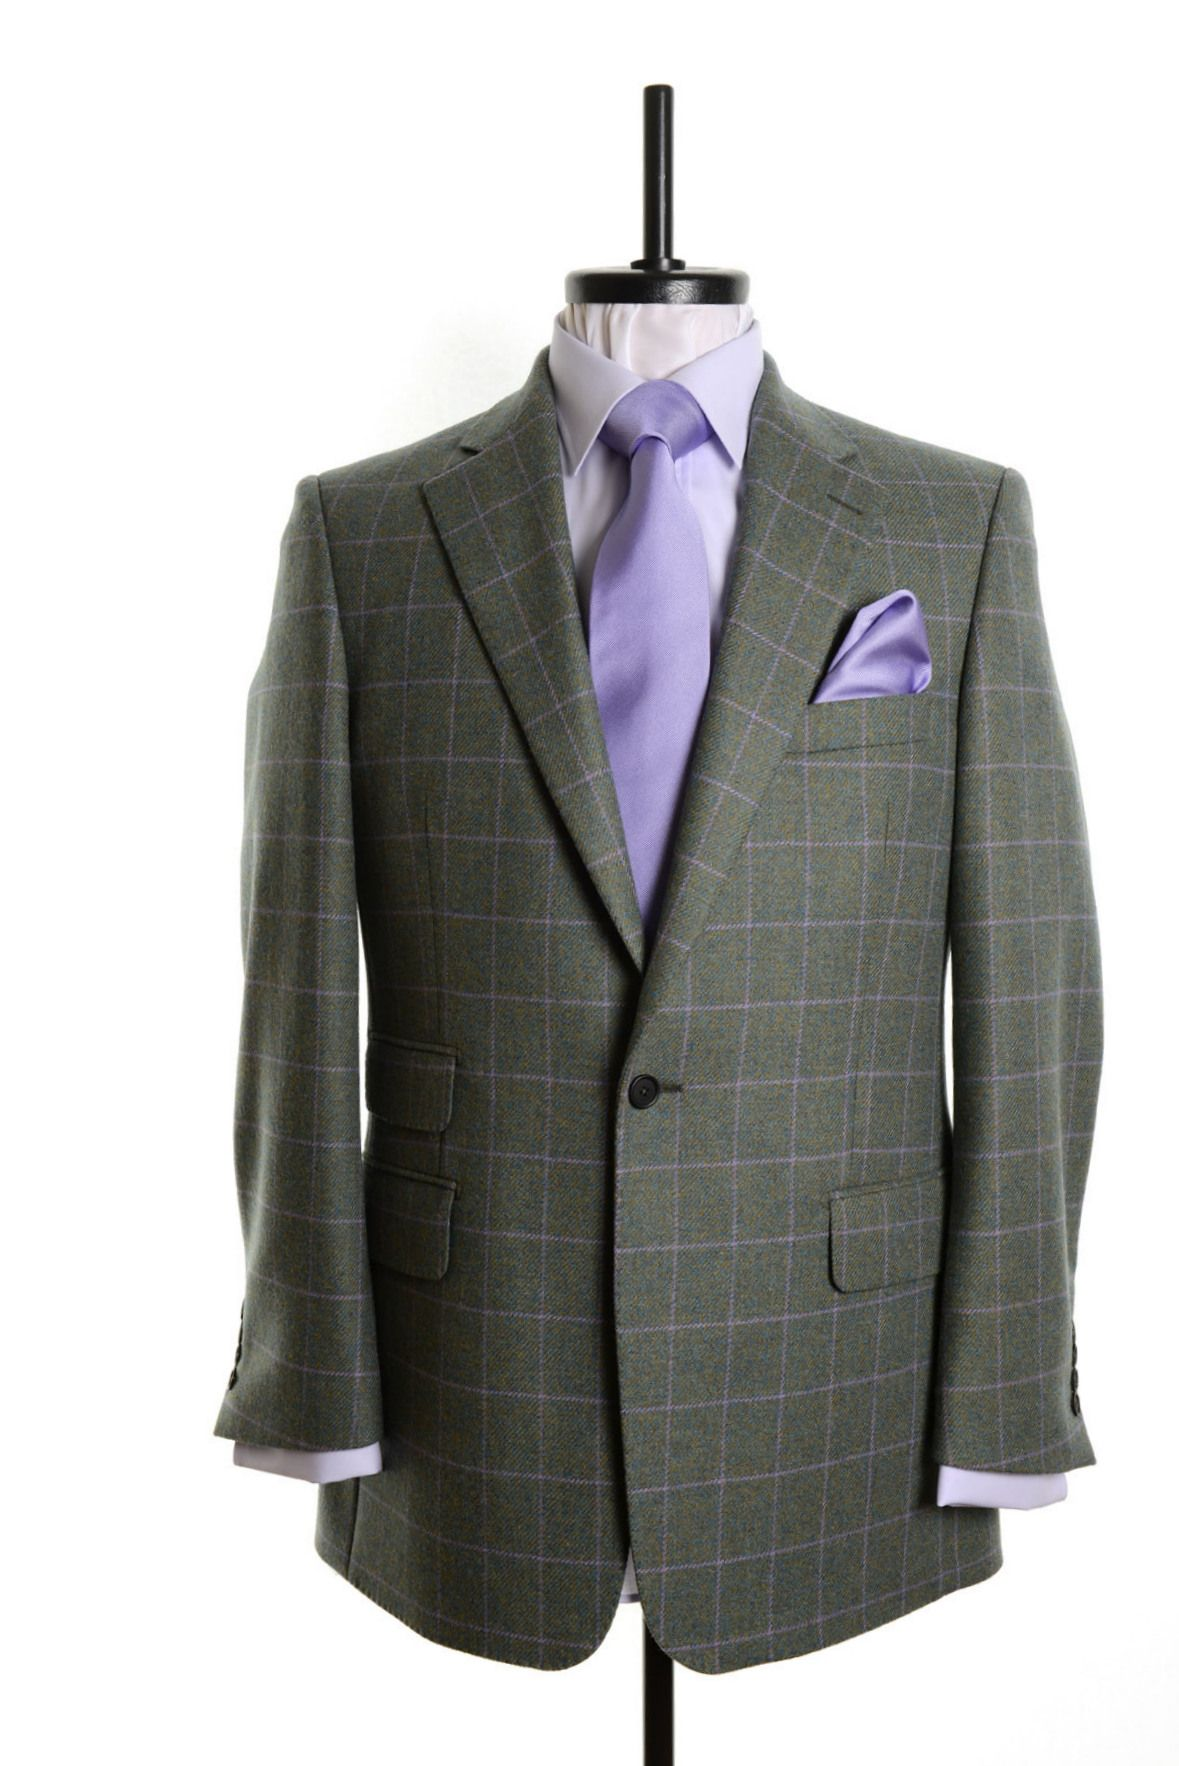 Luxury Sports Jacket